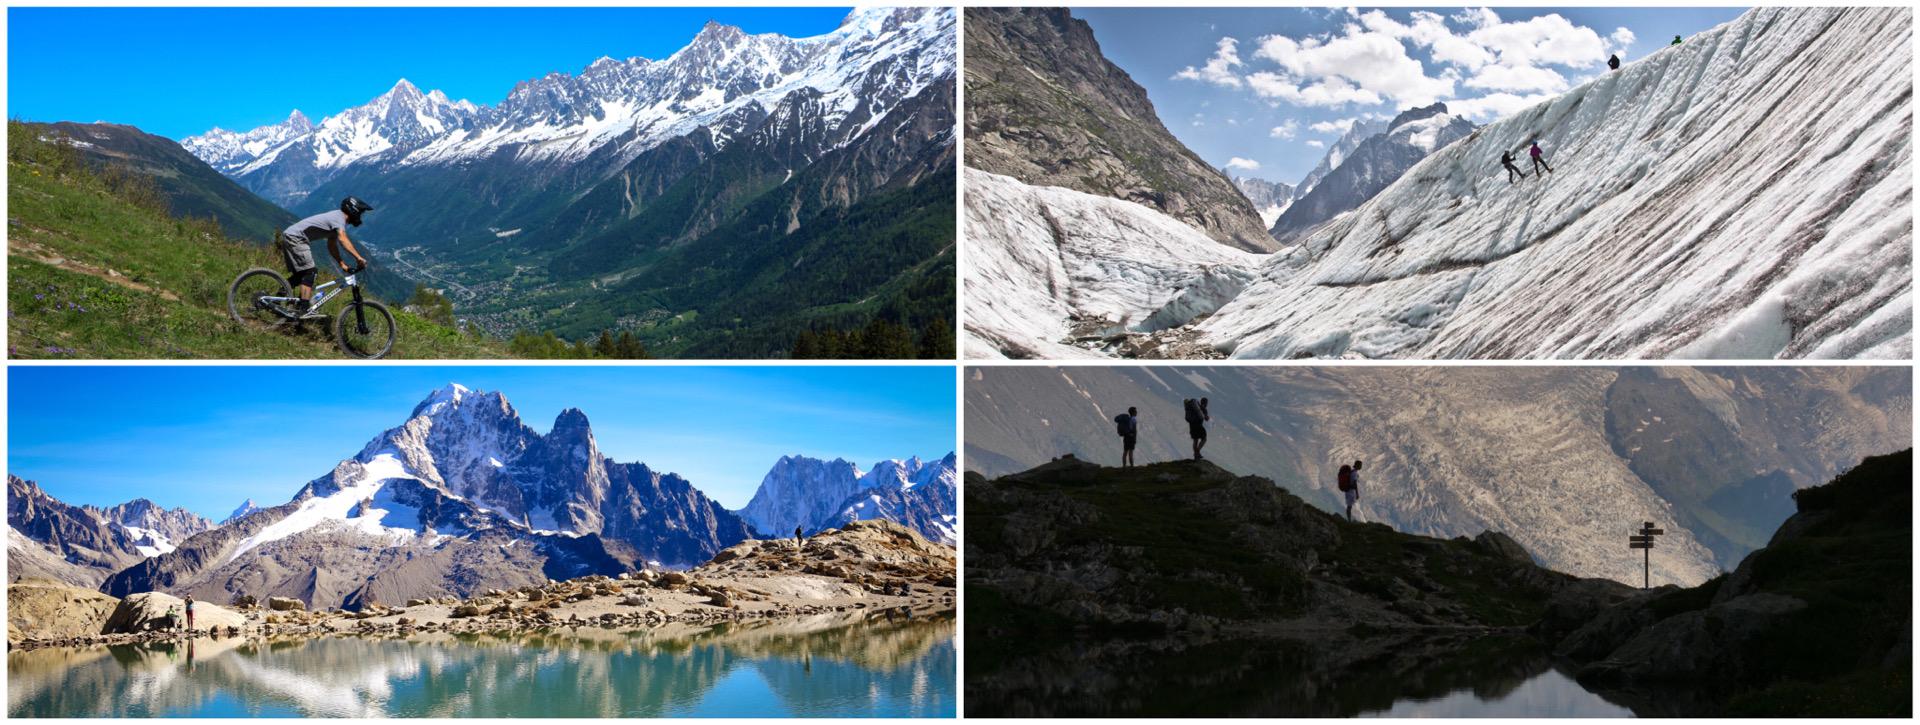 Chamonix summer activities, Haute Savoie